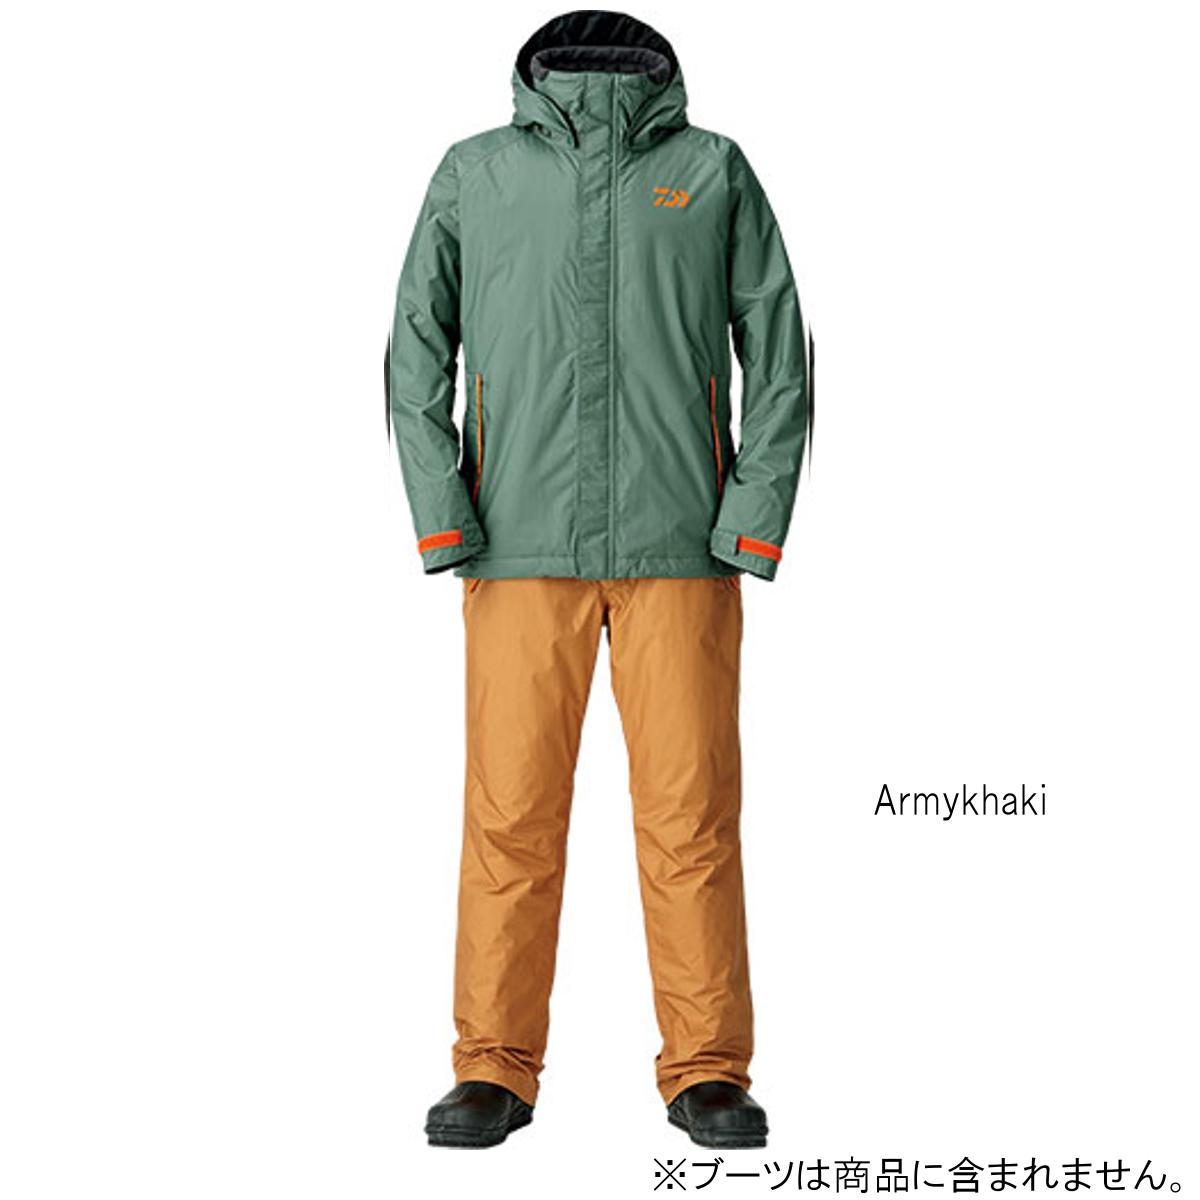 ダイワ レインマックス ウィンタースーツ DW-35008 XL Armykhaki(東日本店)